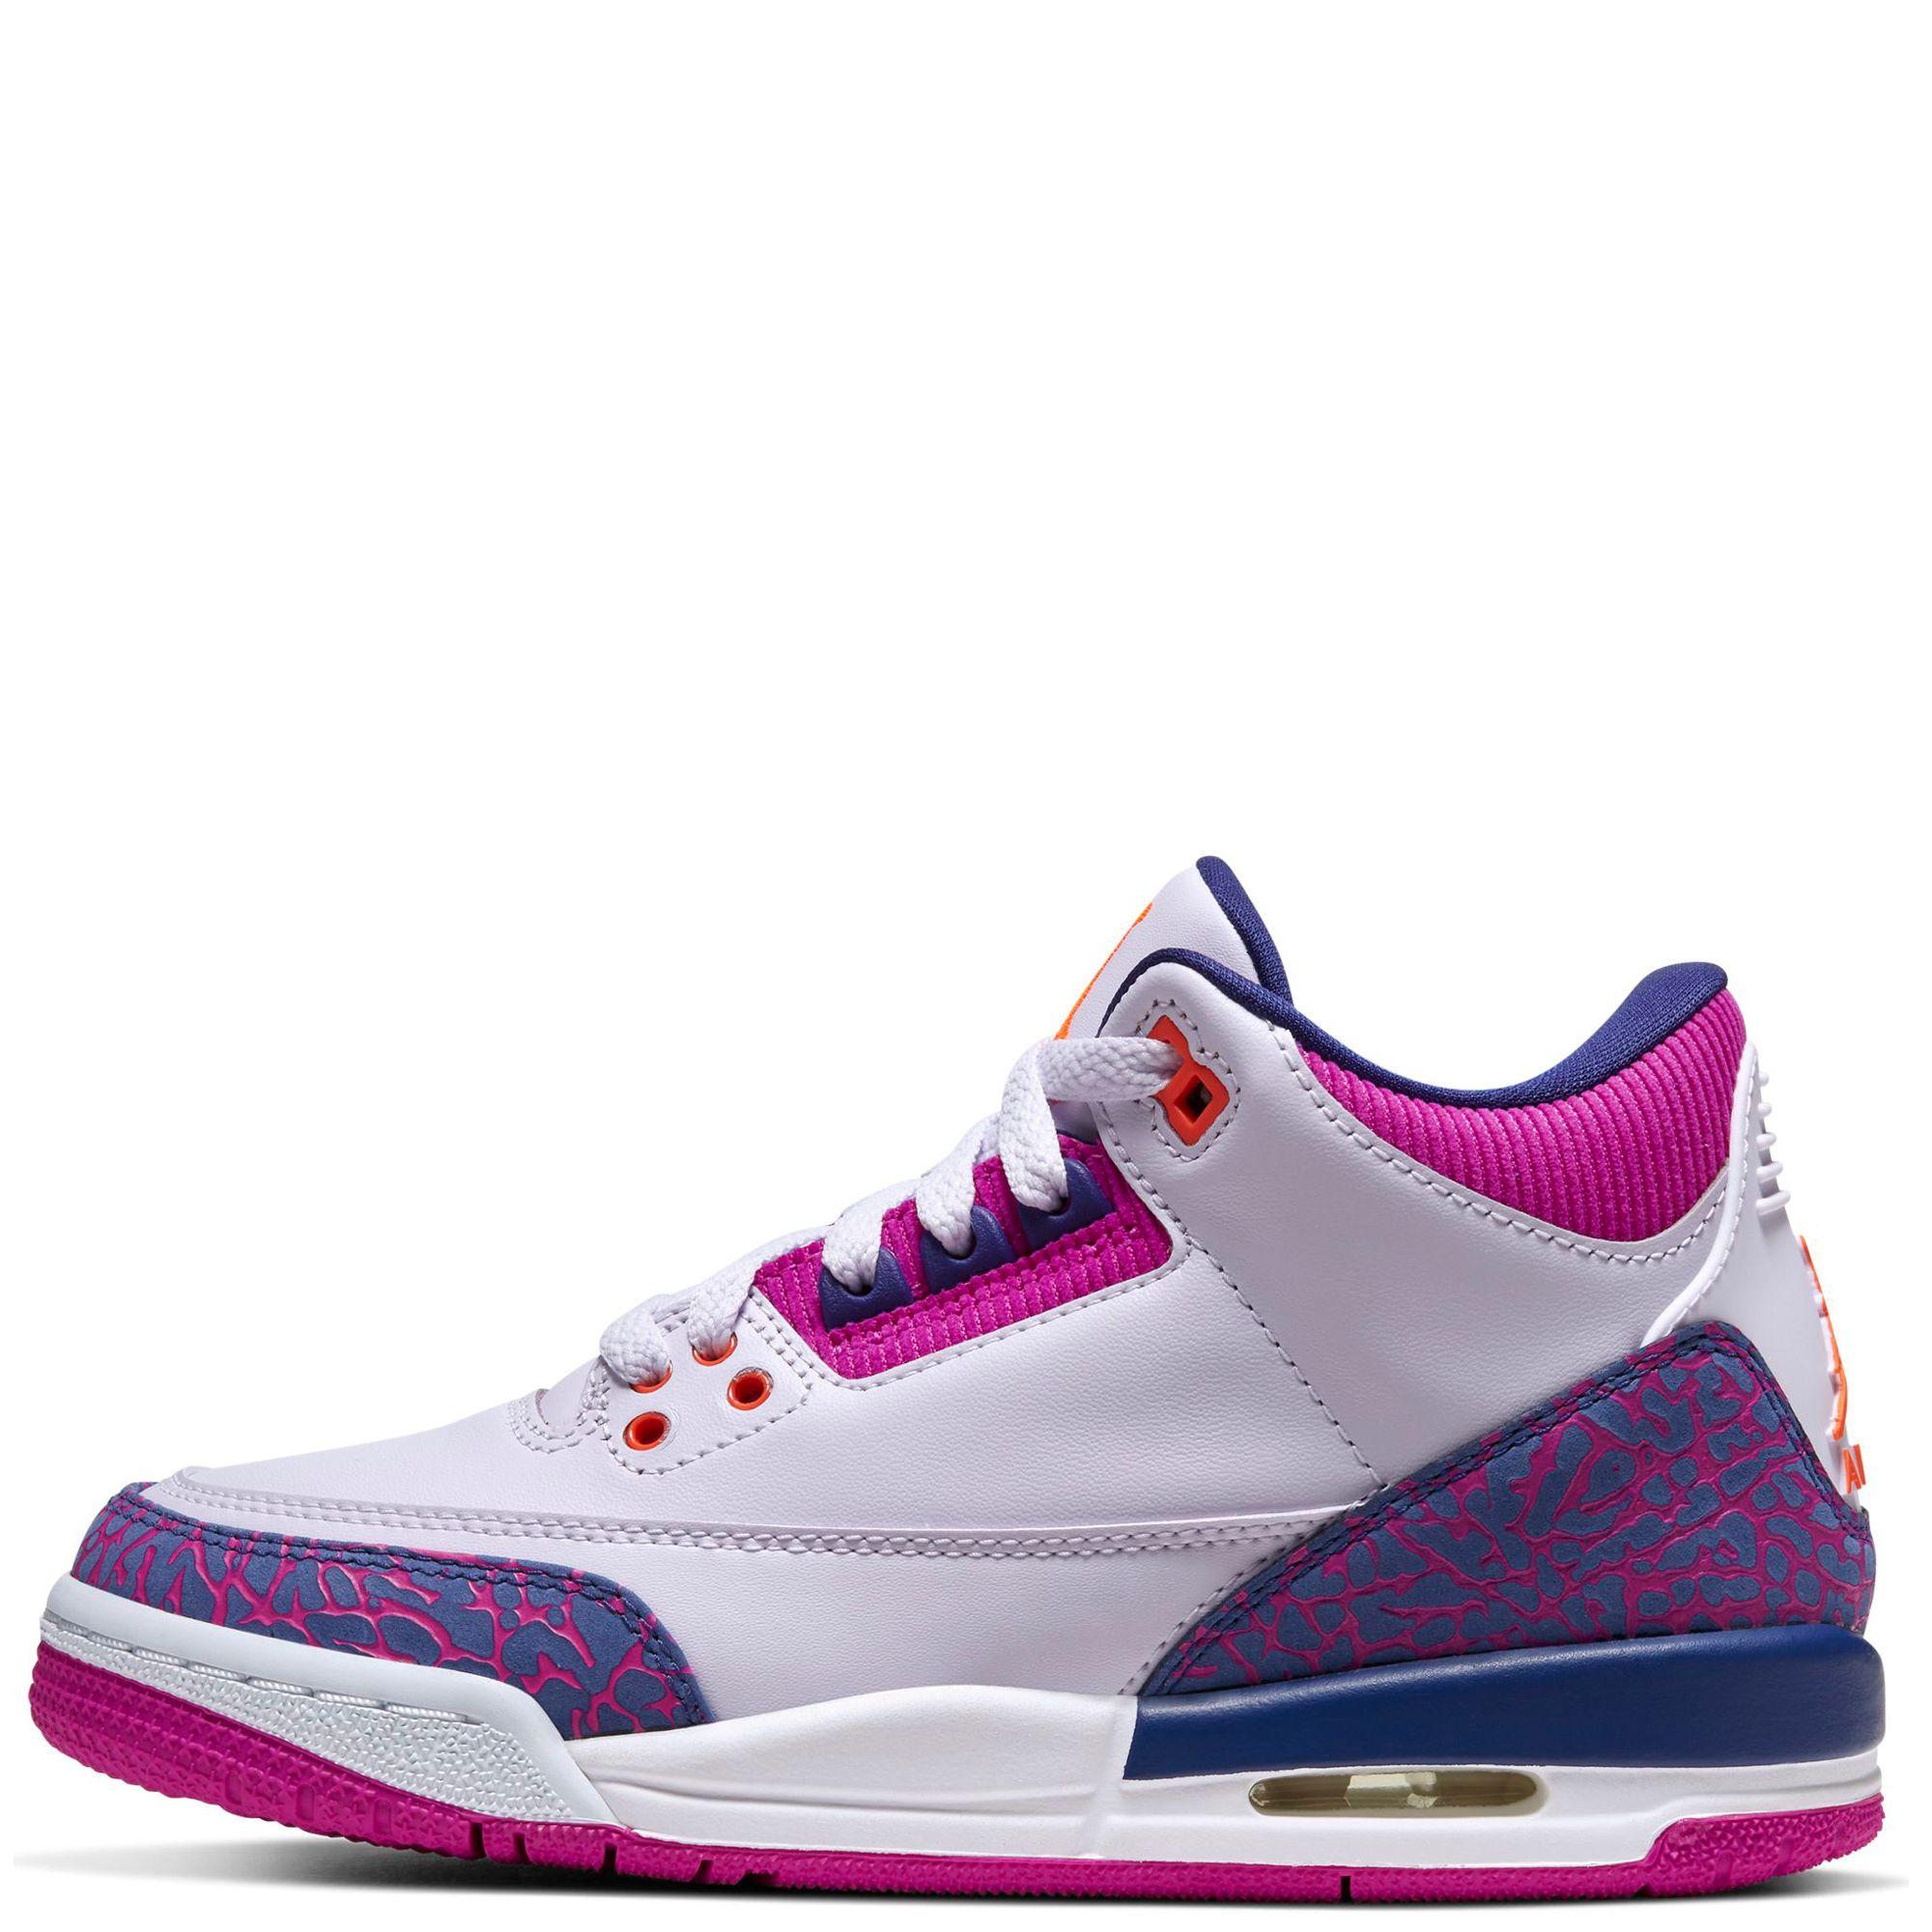 (GS) Air Jordan 3 Retro Barely Grape